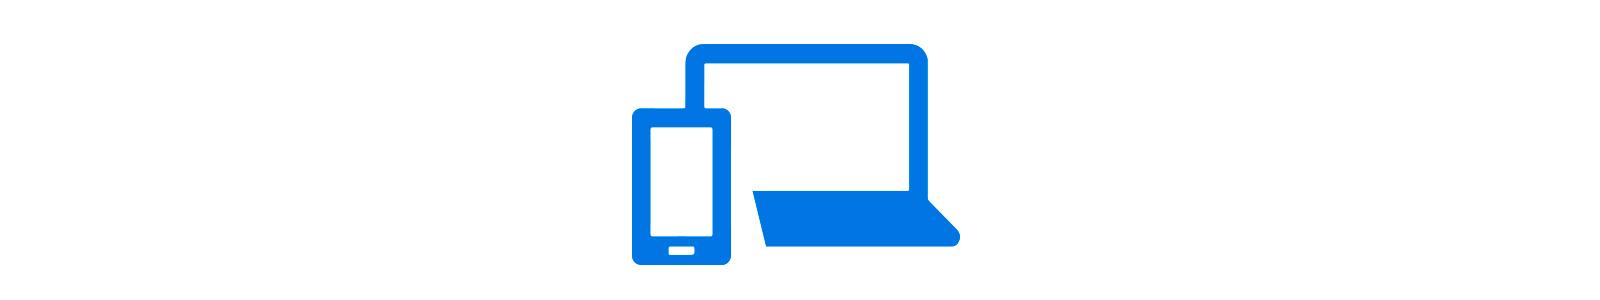 Continuum for phones icon